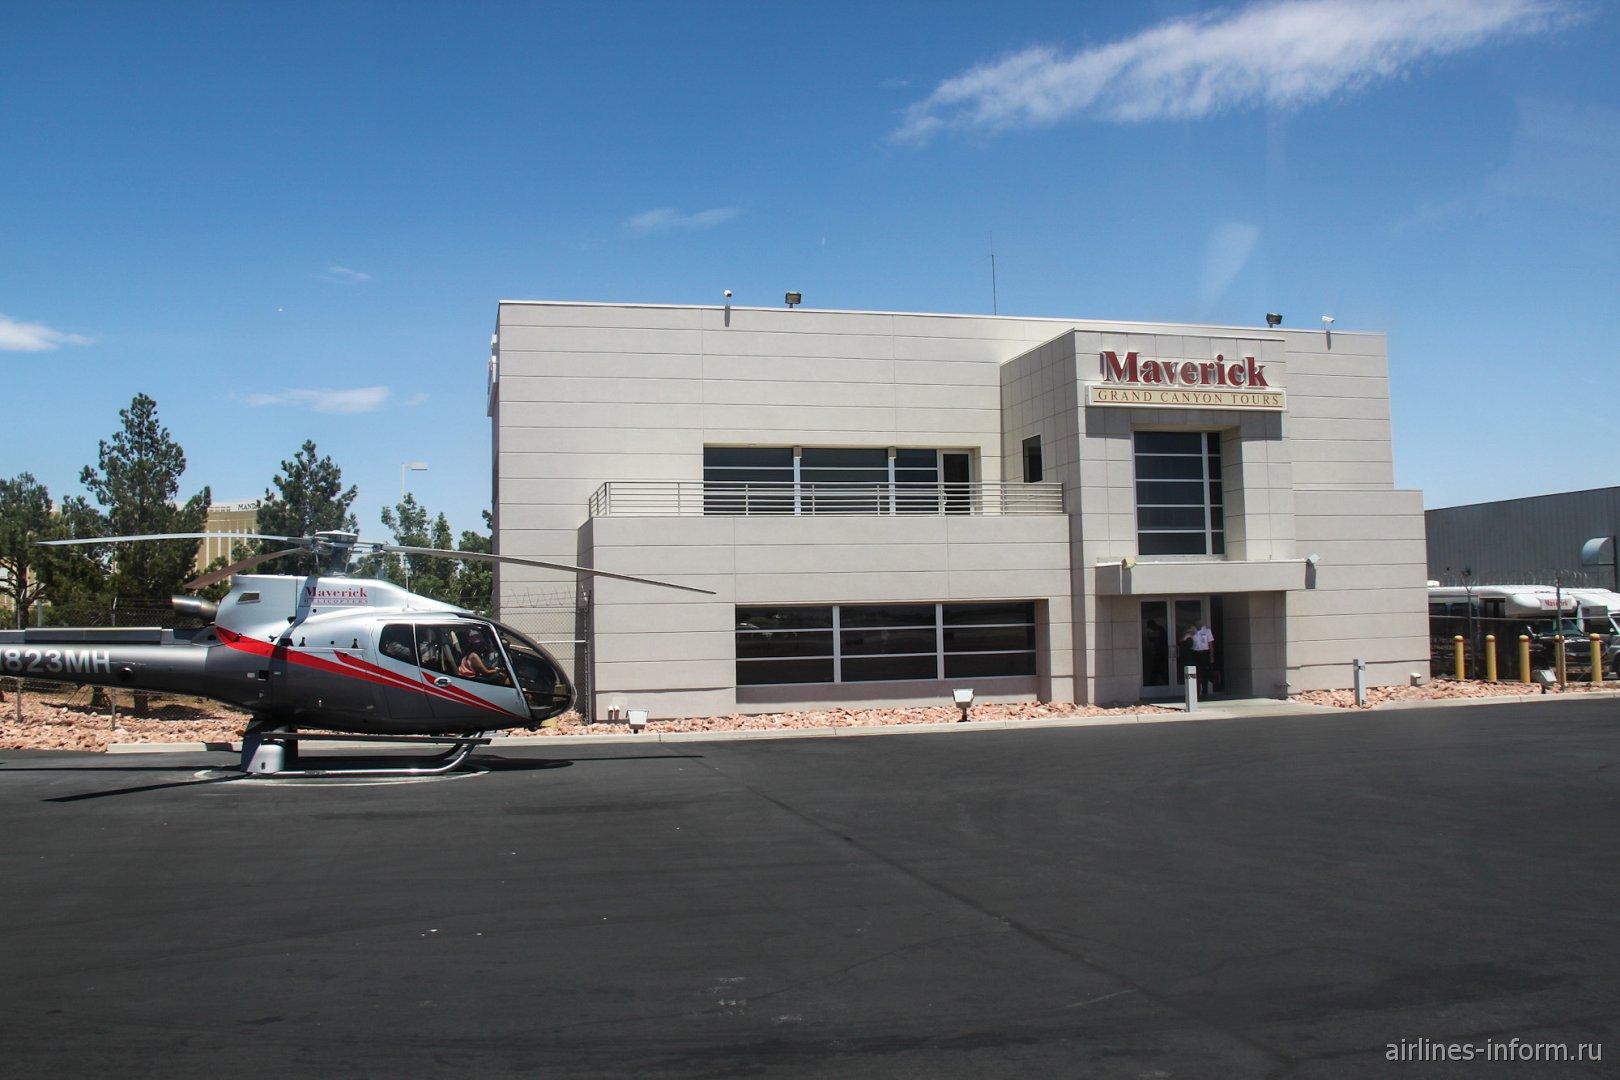 Пассажирский терминал компании Maverick в аэропорту Лас-Вегас